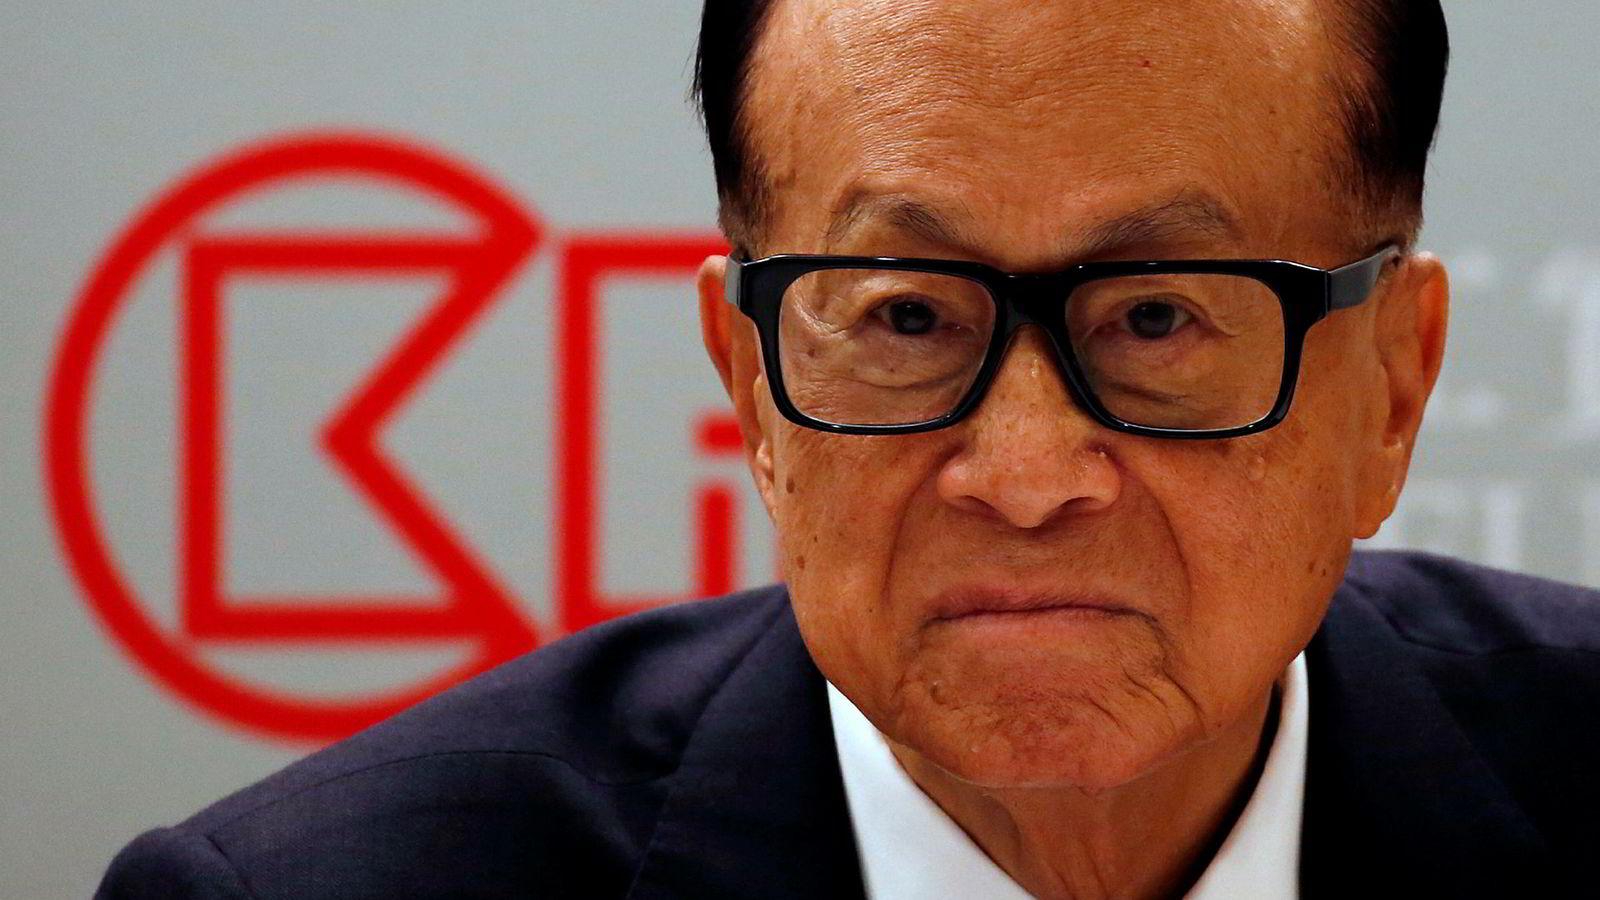 Den Hongkong-baserte mangemilliardæren og tidligere styrelederen i CK Hutchsion, Li Ka-shing, er blant dem er blitt hardest rammet av børsfallet etter uroen i Hongkong.